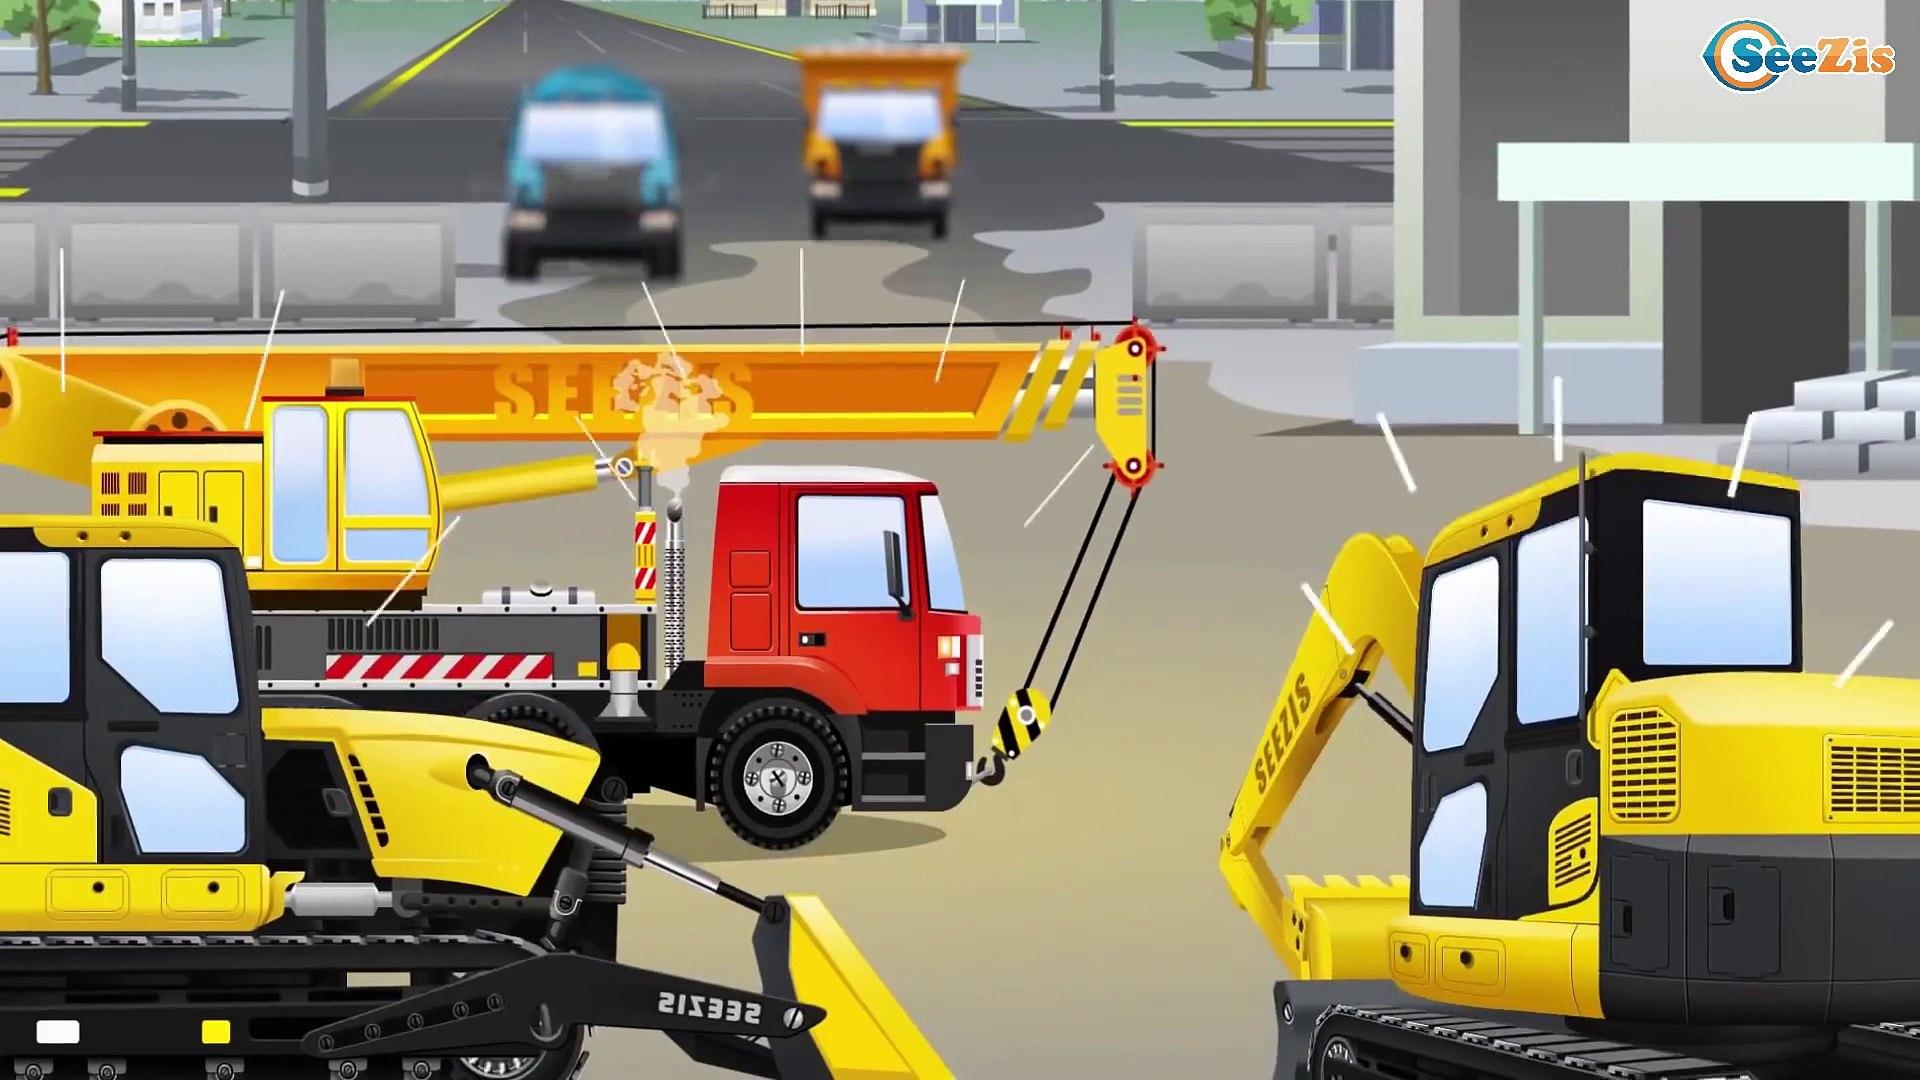 Мультики для детей Трактор едет на помощь в городке Видео для детей Tractor on the road kids video